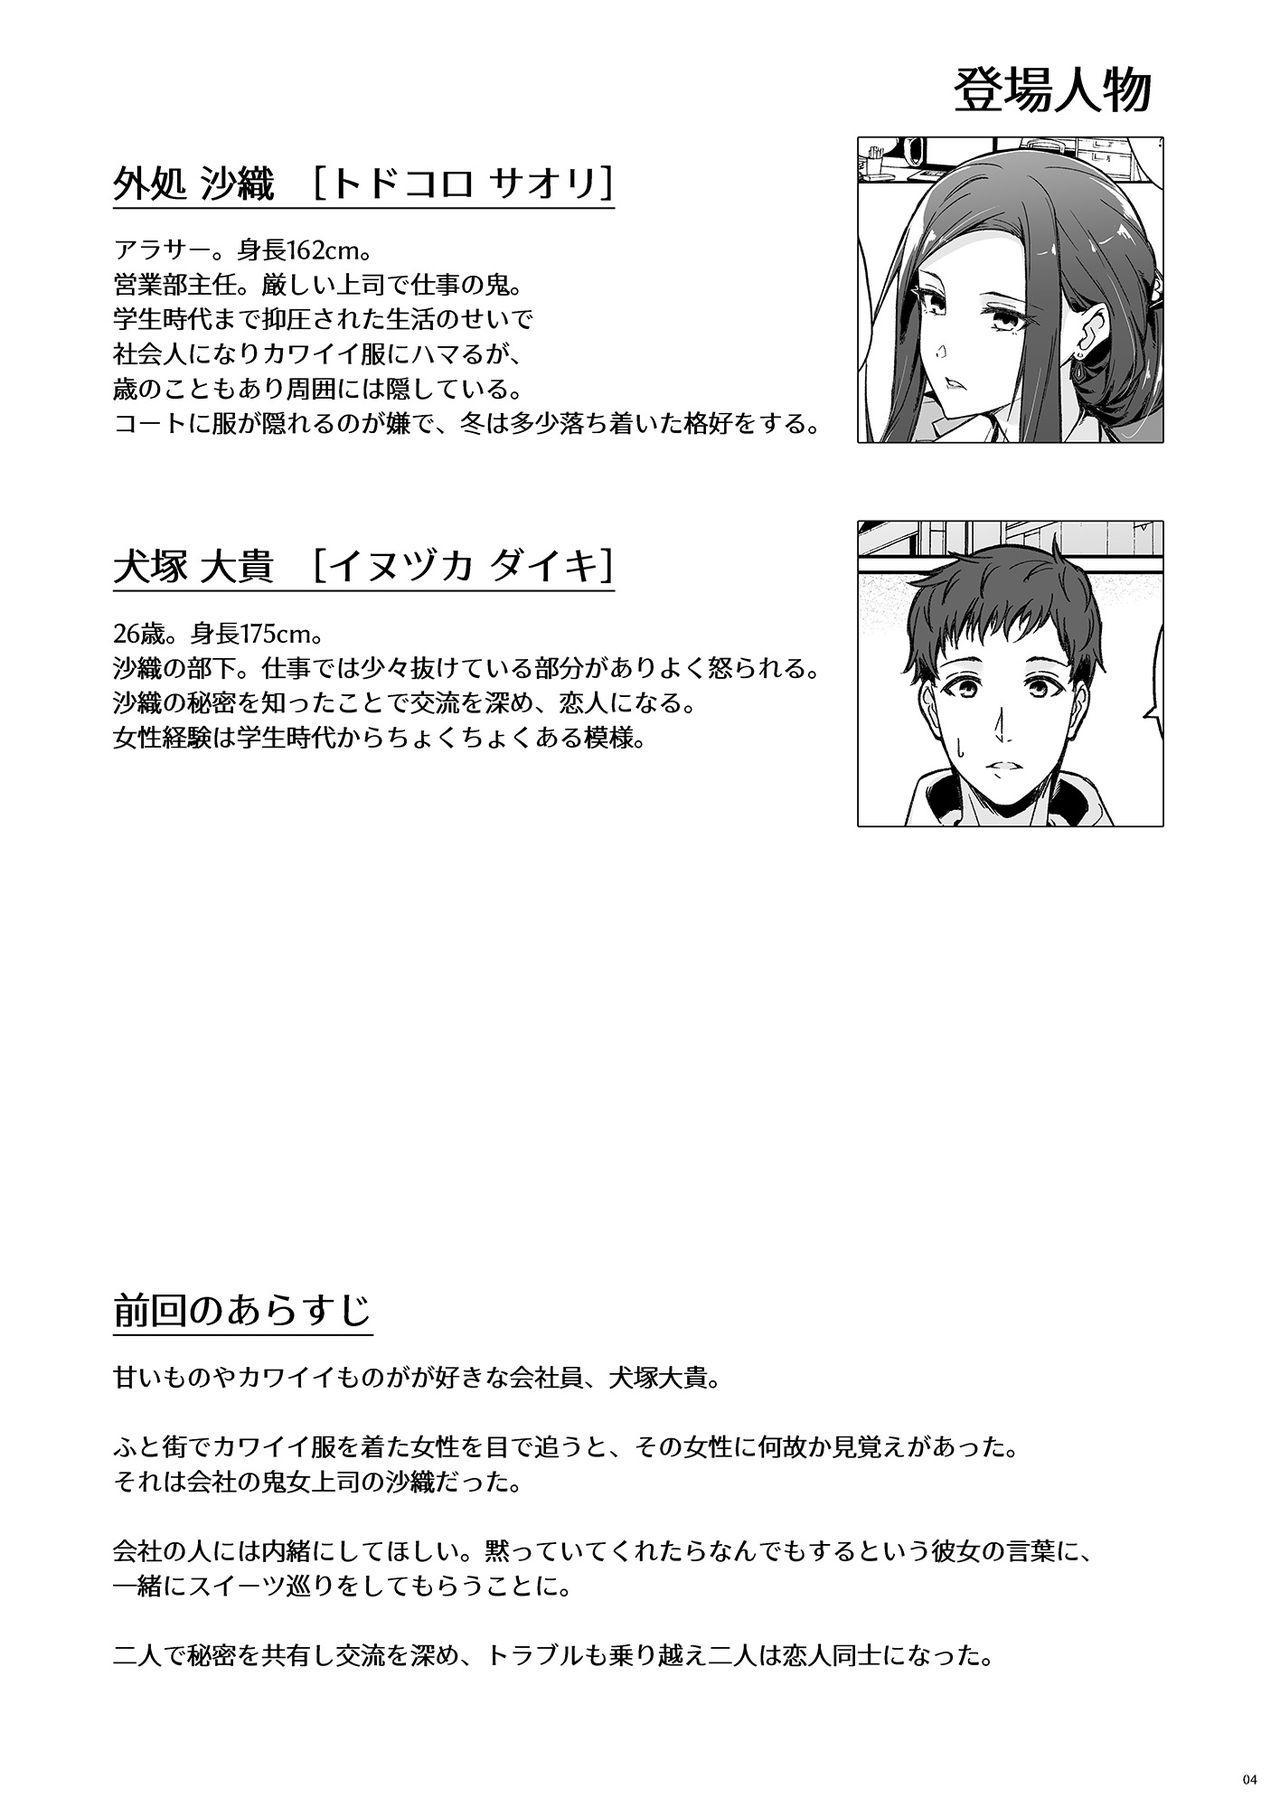 Kyuujitsu no Joushi ni wa, Kawaii Himitsu ga Aru. 2 1